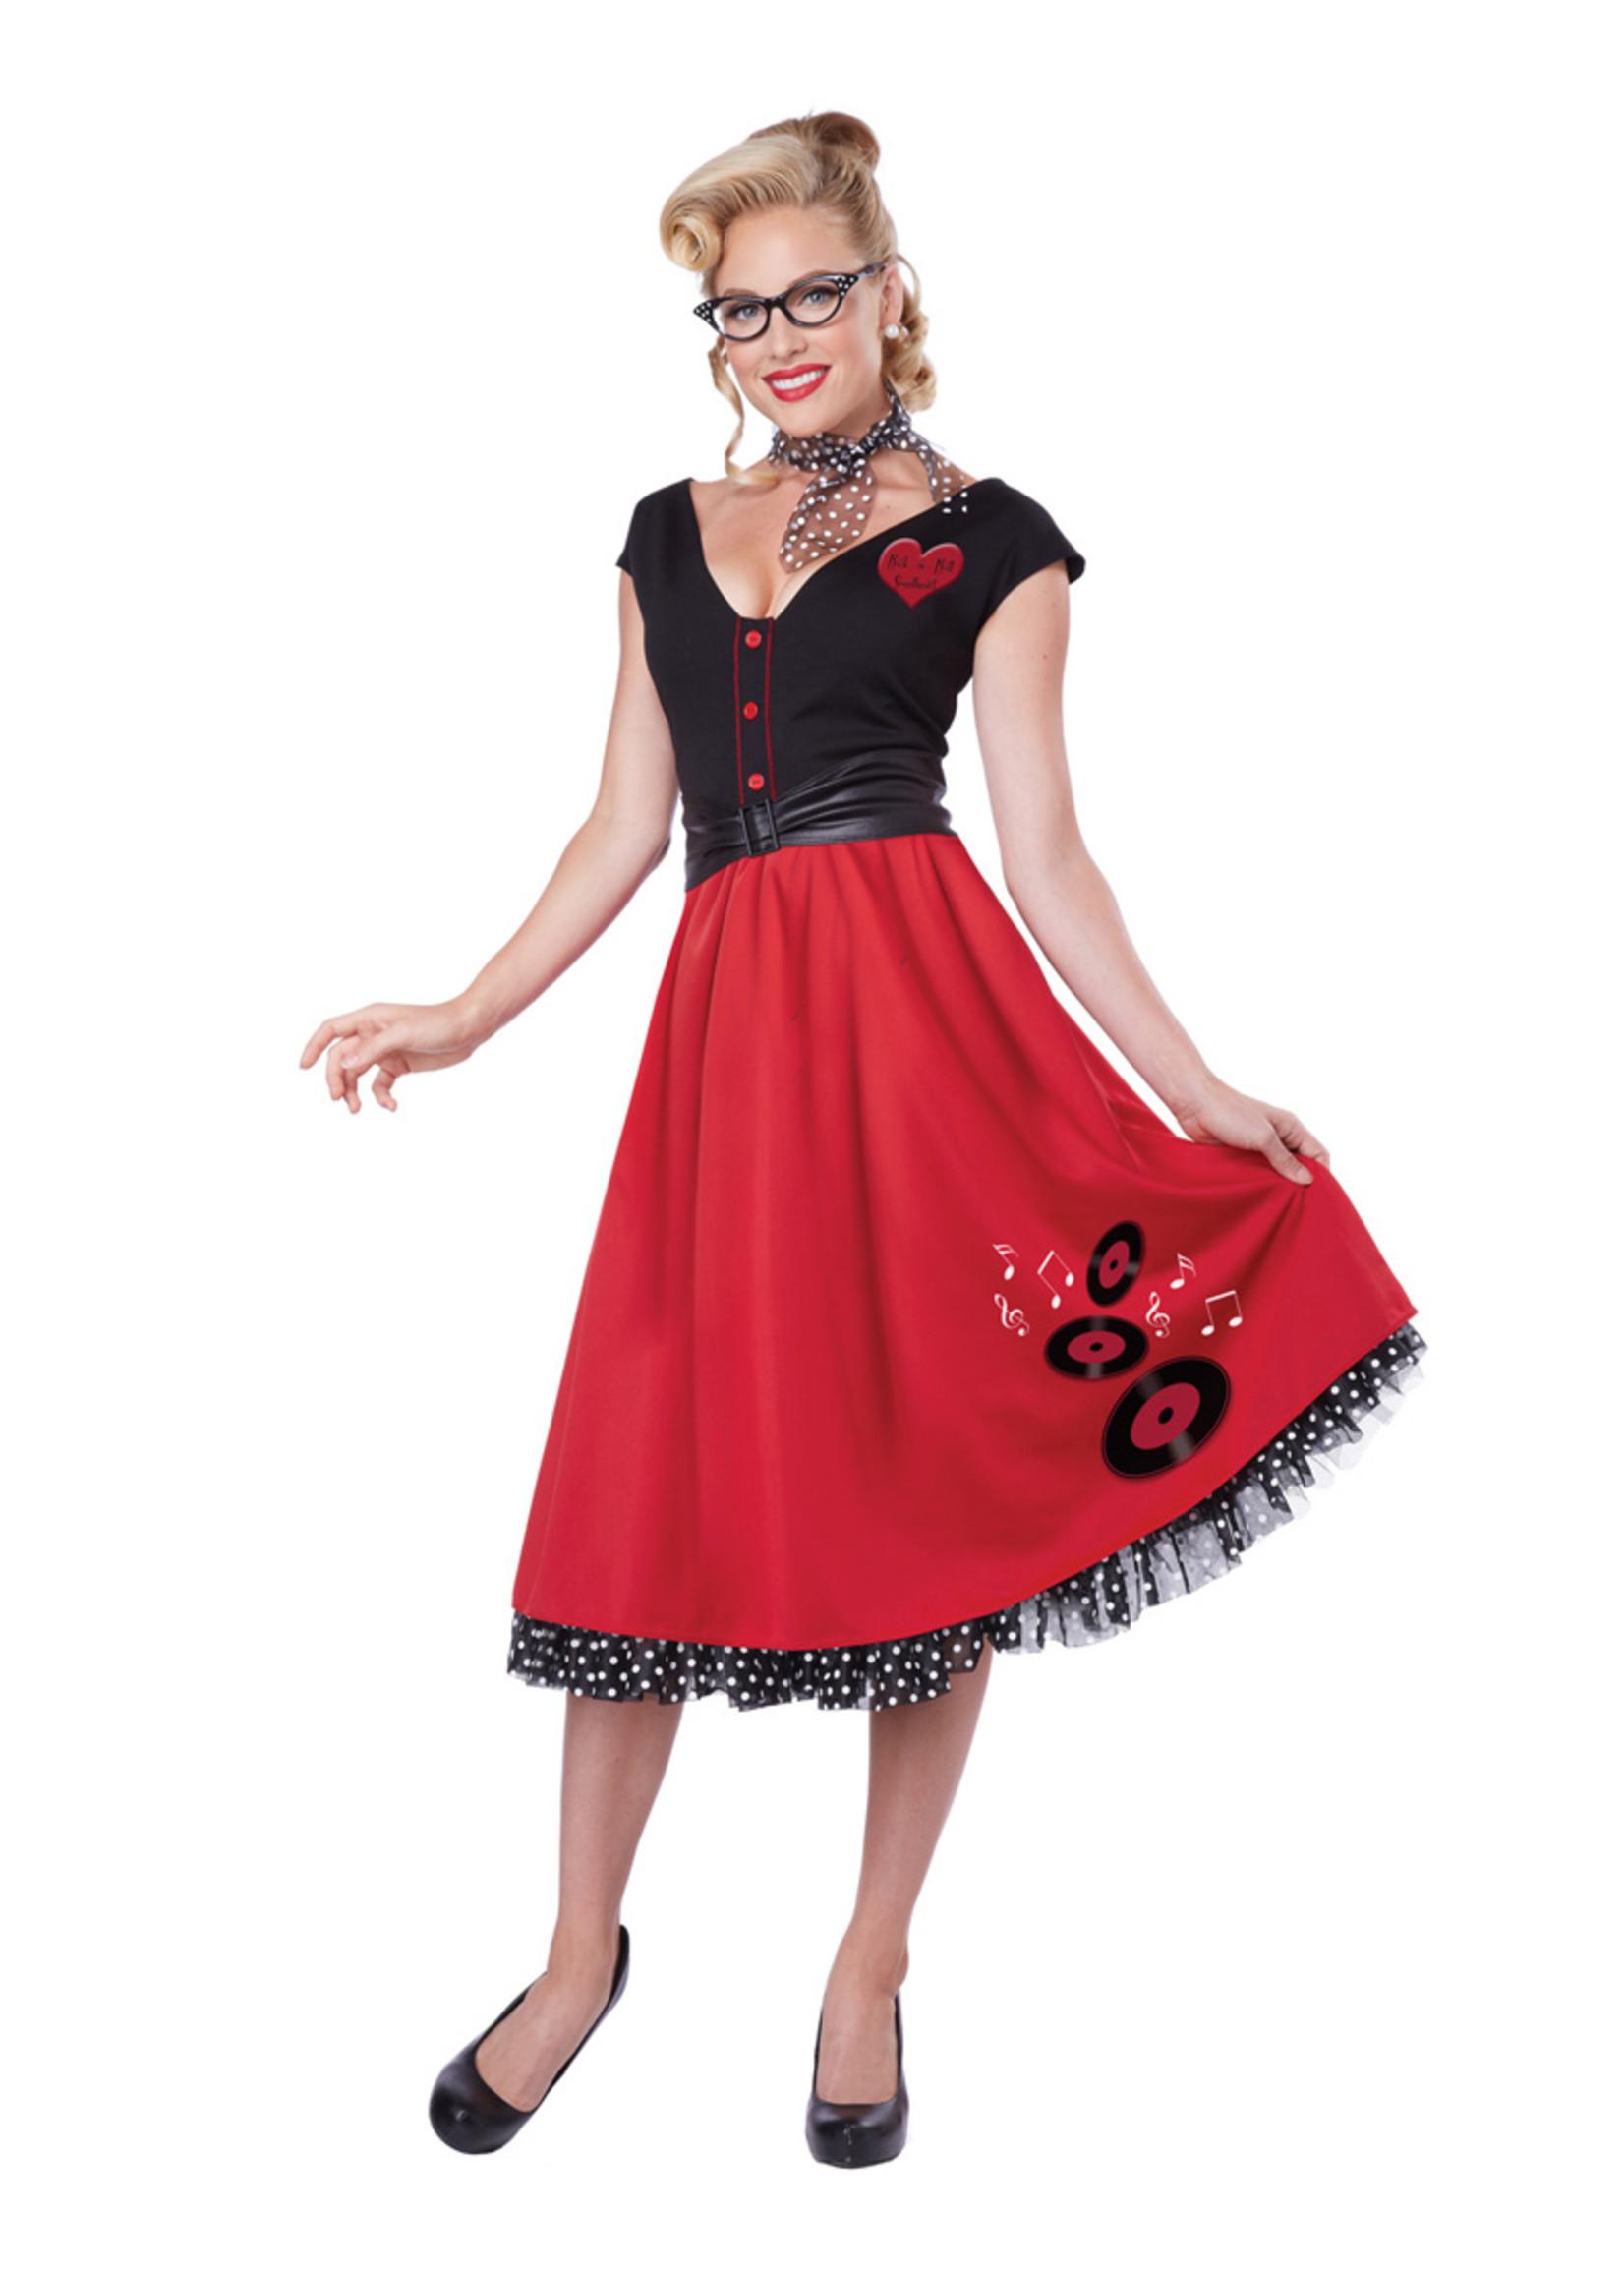 Rock 'n' Roll Sweetheart Costume - Women's